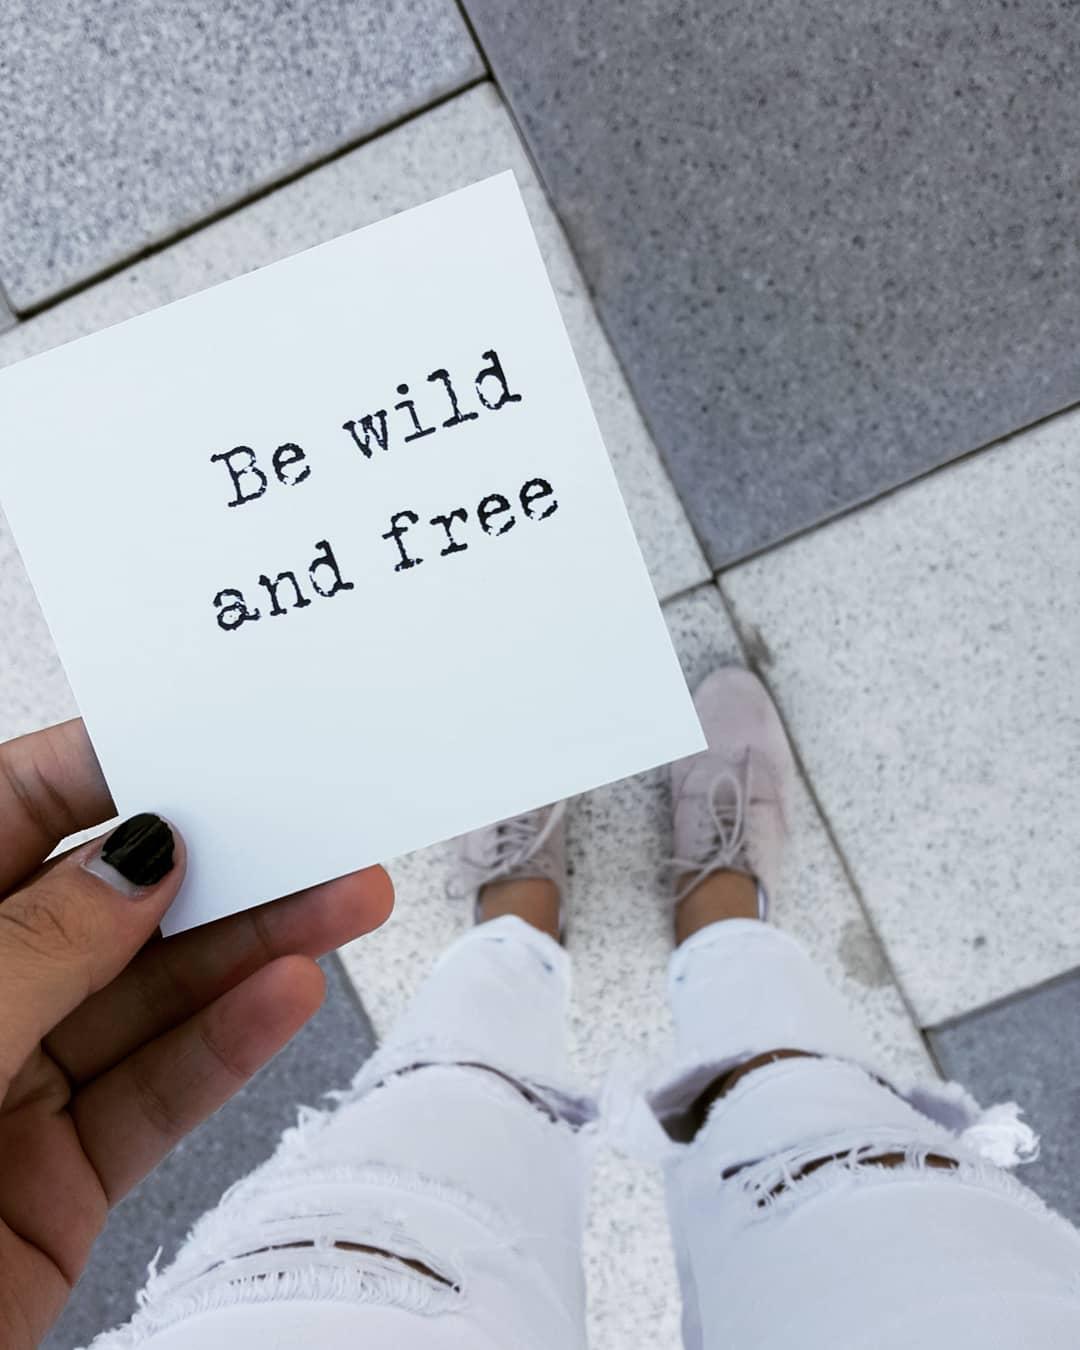 be wild and free גיל ההתבגרות